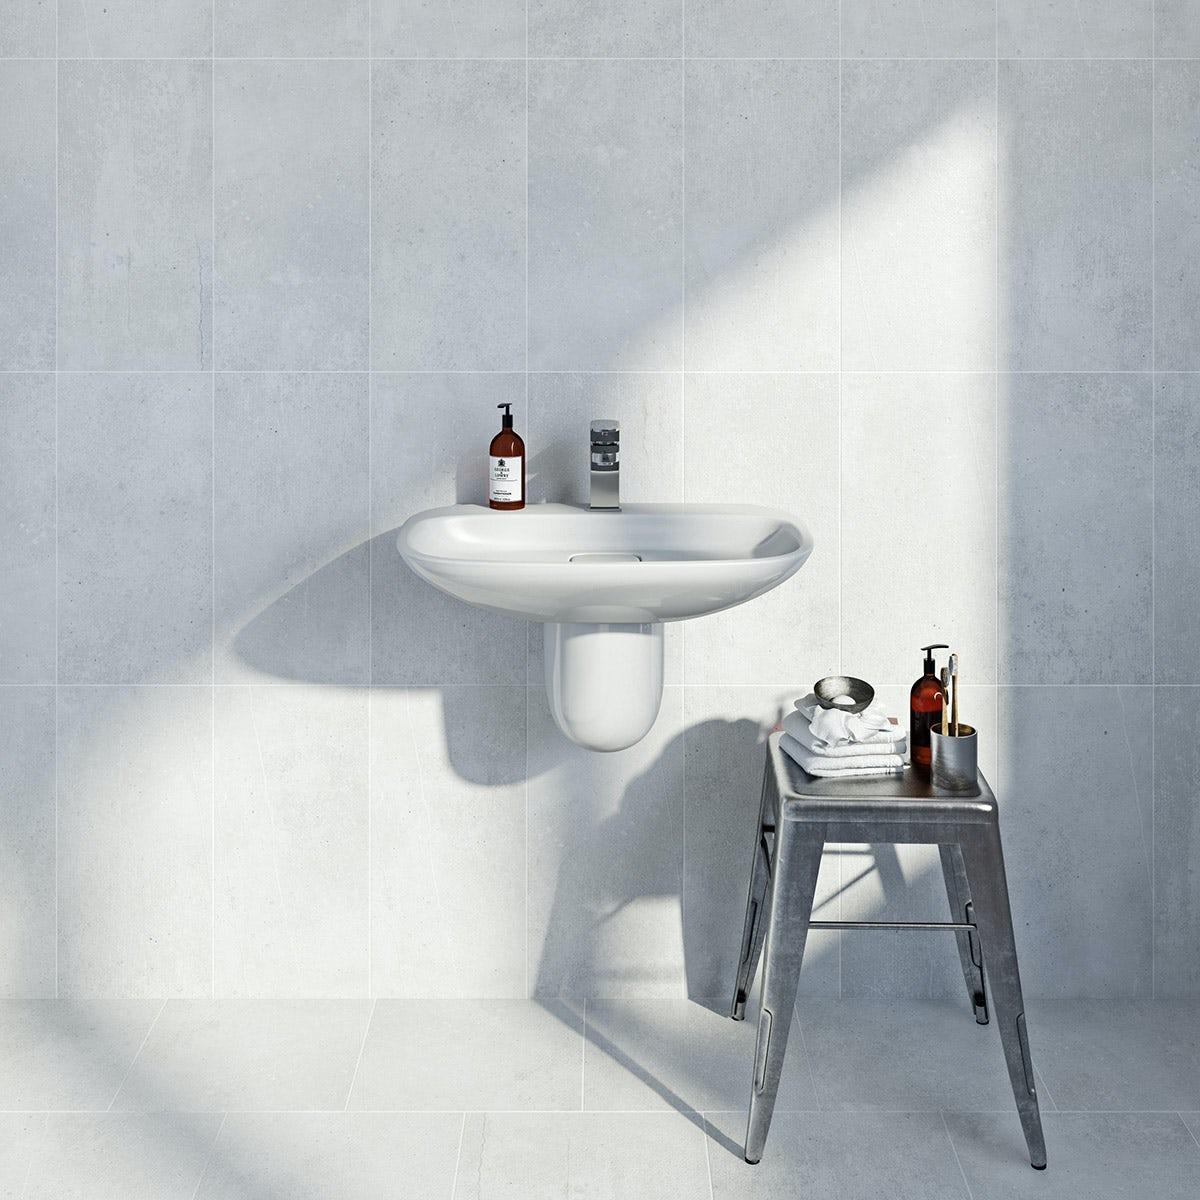 British ceramic tile metropolis light grey matt tile 248mm x 498mm british ceramic tile metropolis light grey matt tile 248mm x 498mm victoriaplum dailygadgetfo Choice Image